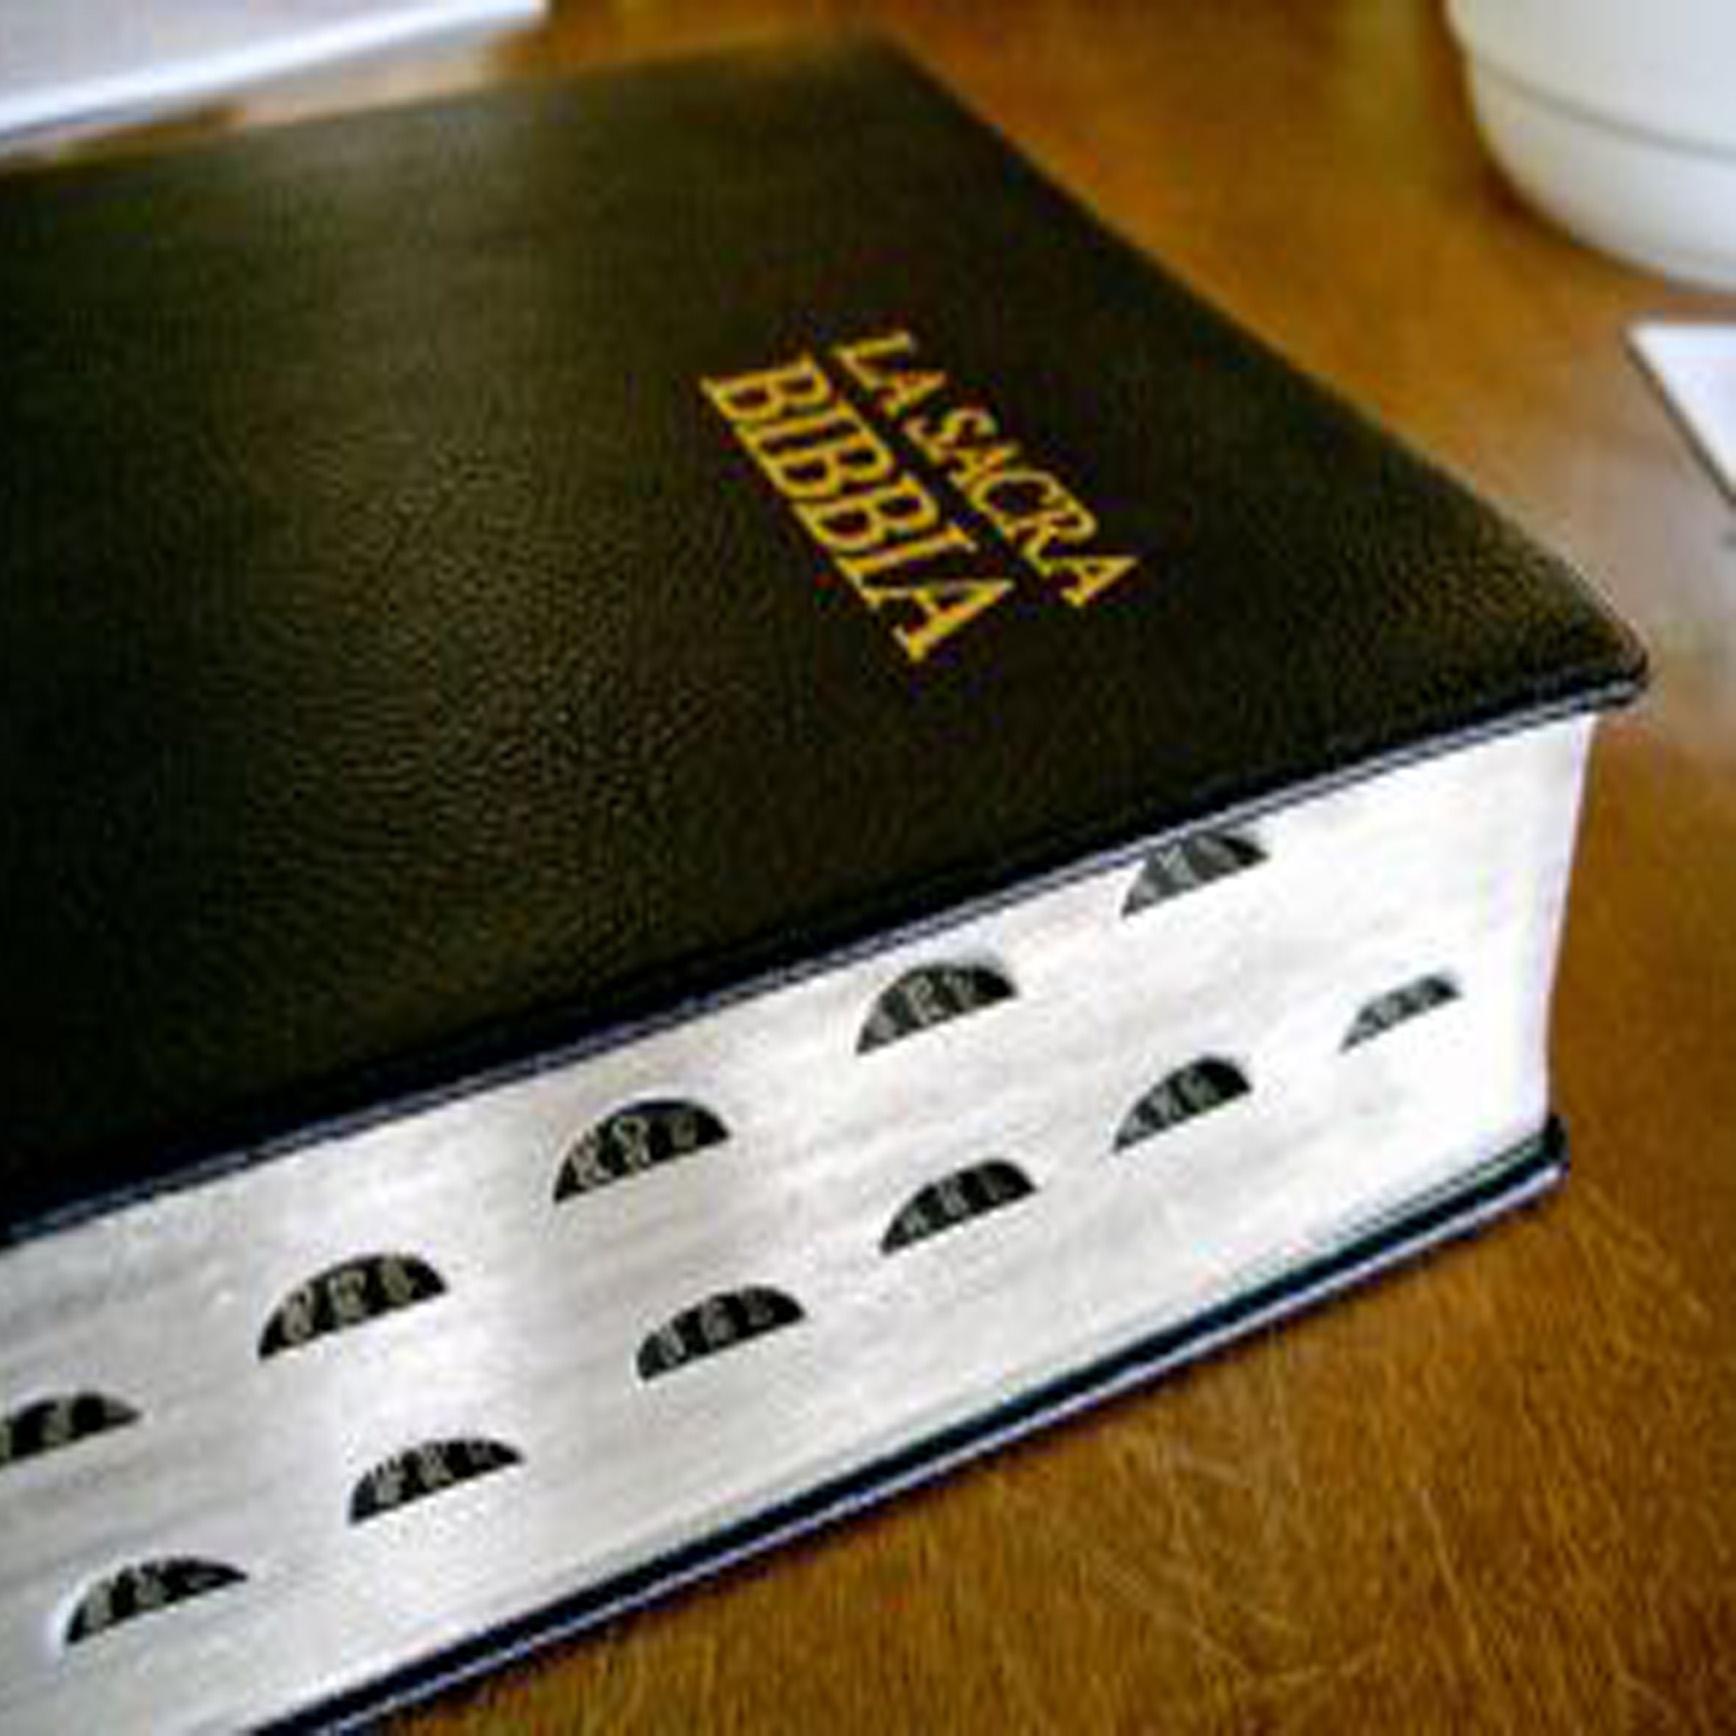 La lettura della Bibbia